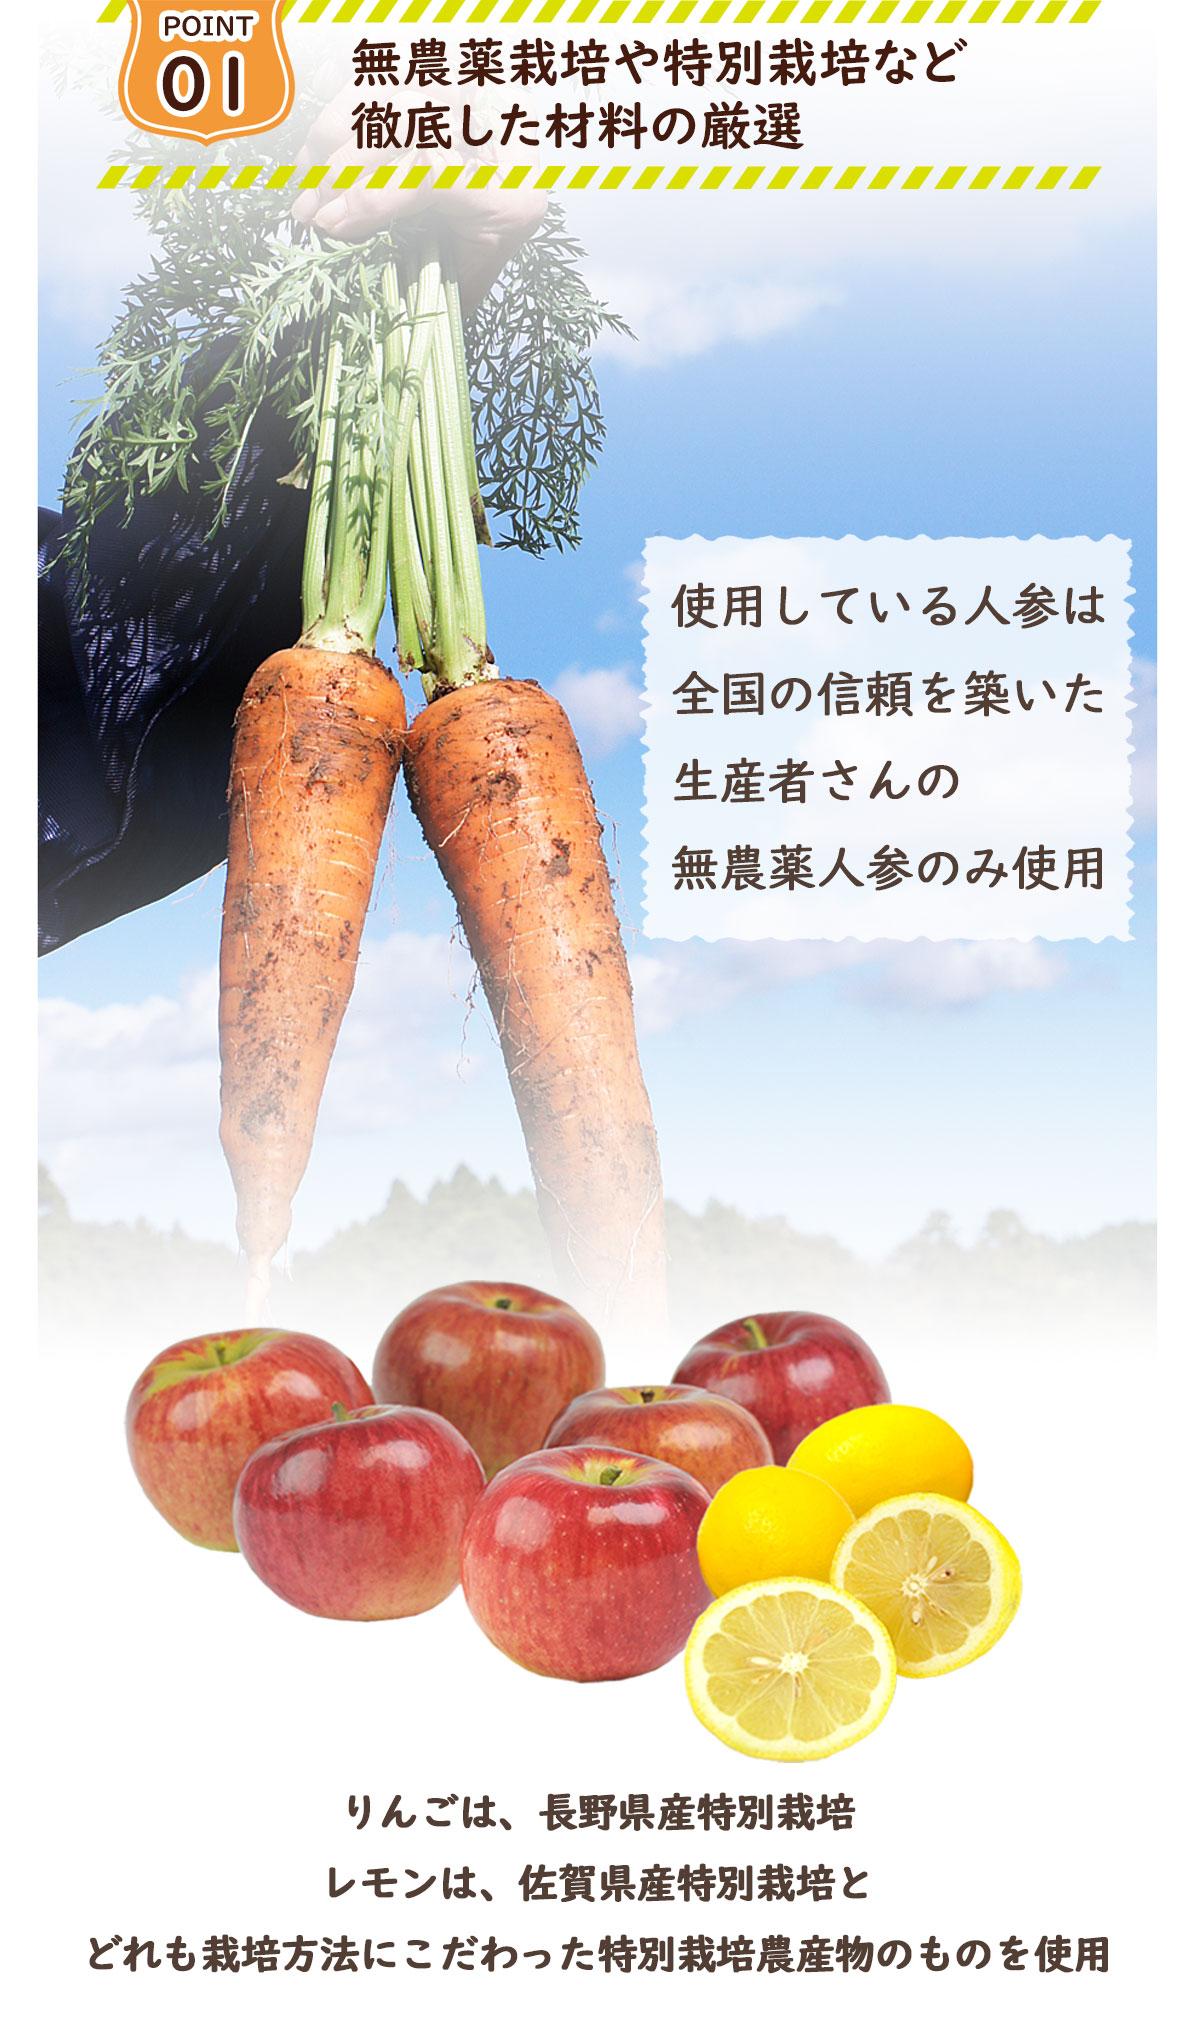 無農薬栽培や特別栽培など徹底した材料の厳選